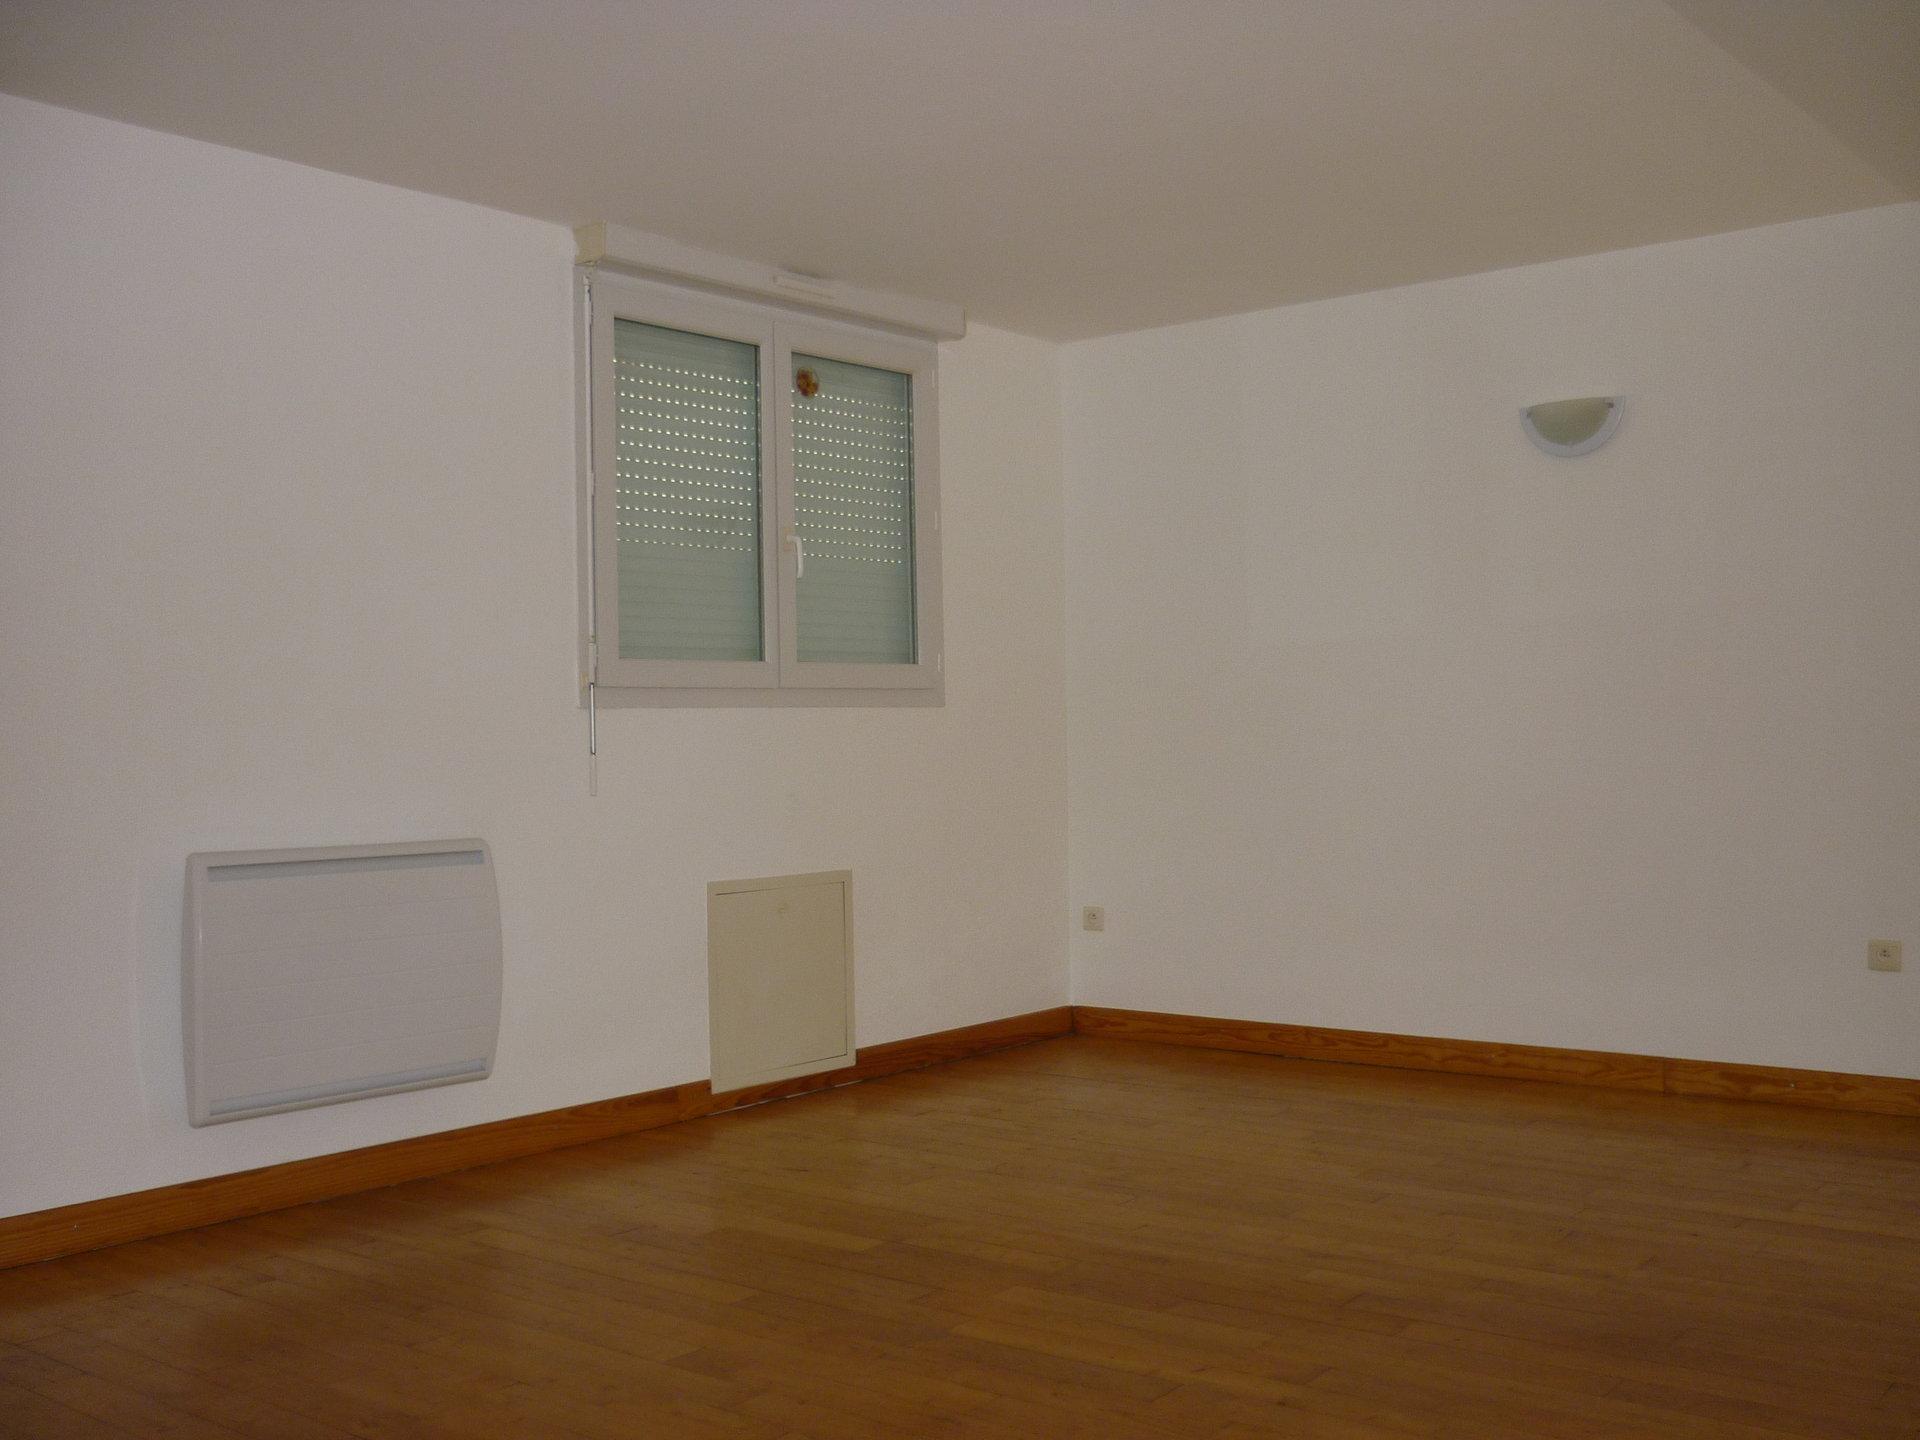 Apt 1er étage à Corneilla-la-Rivière -dbi002589